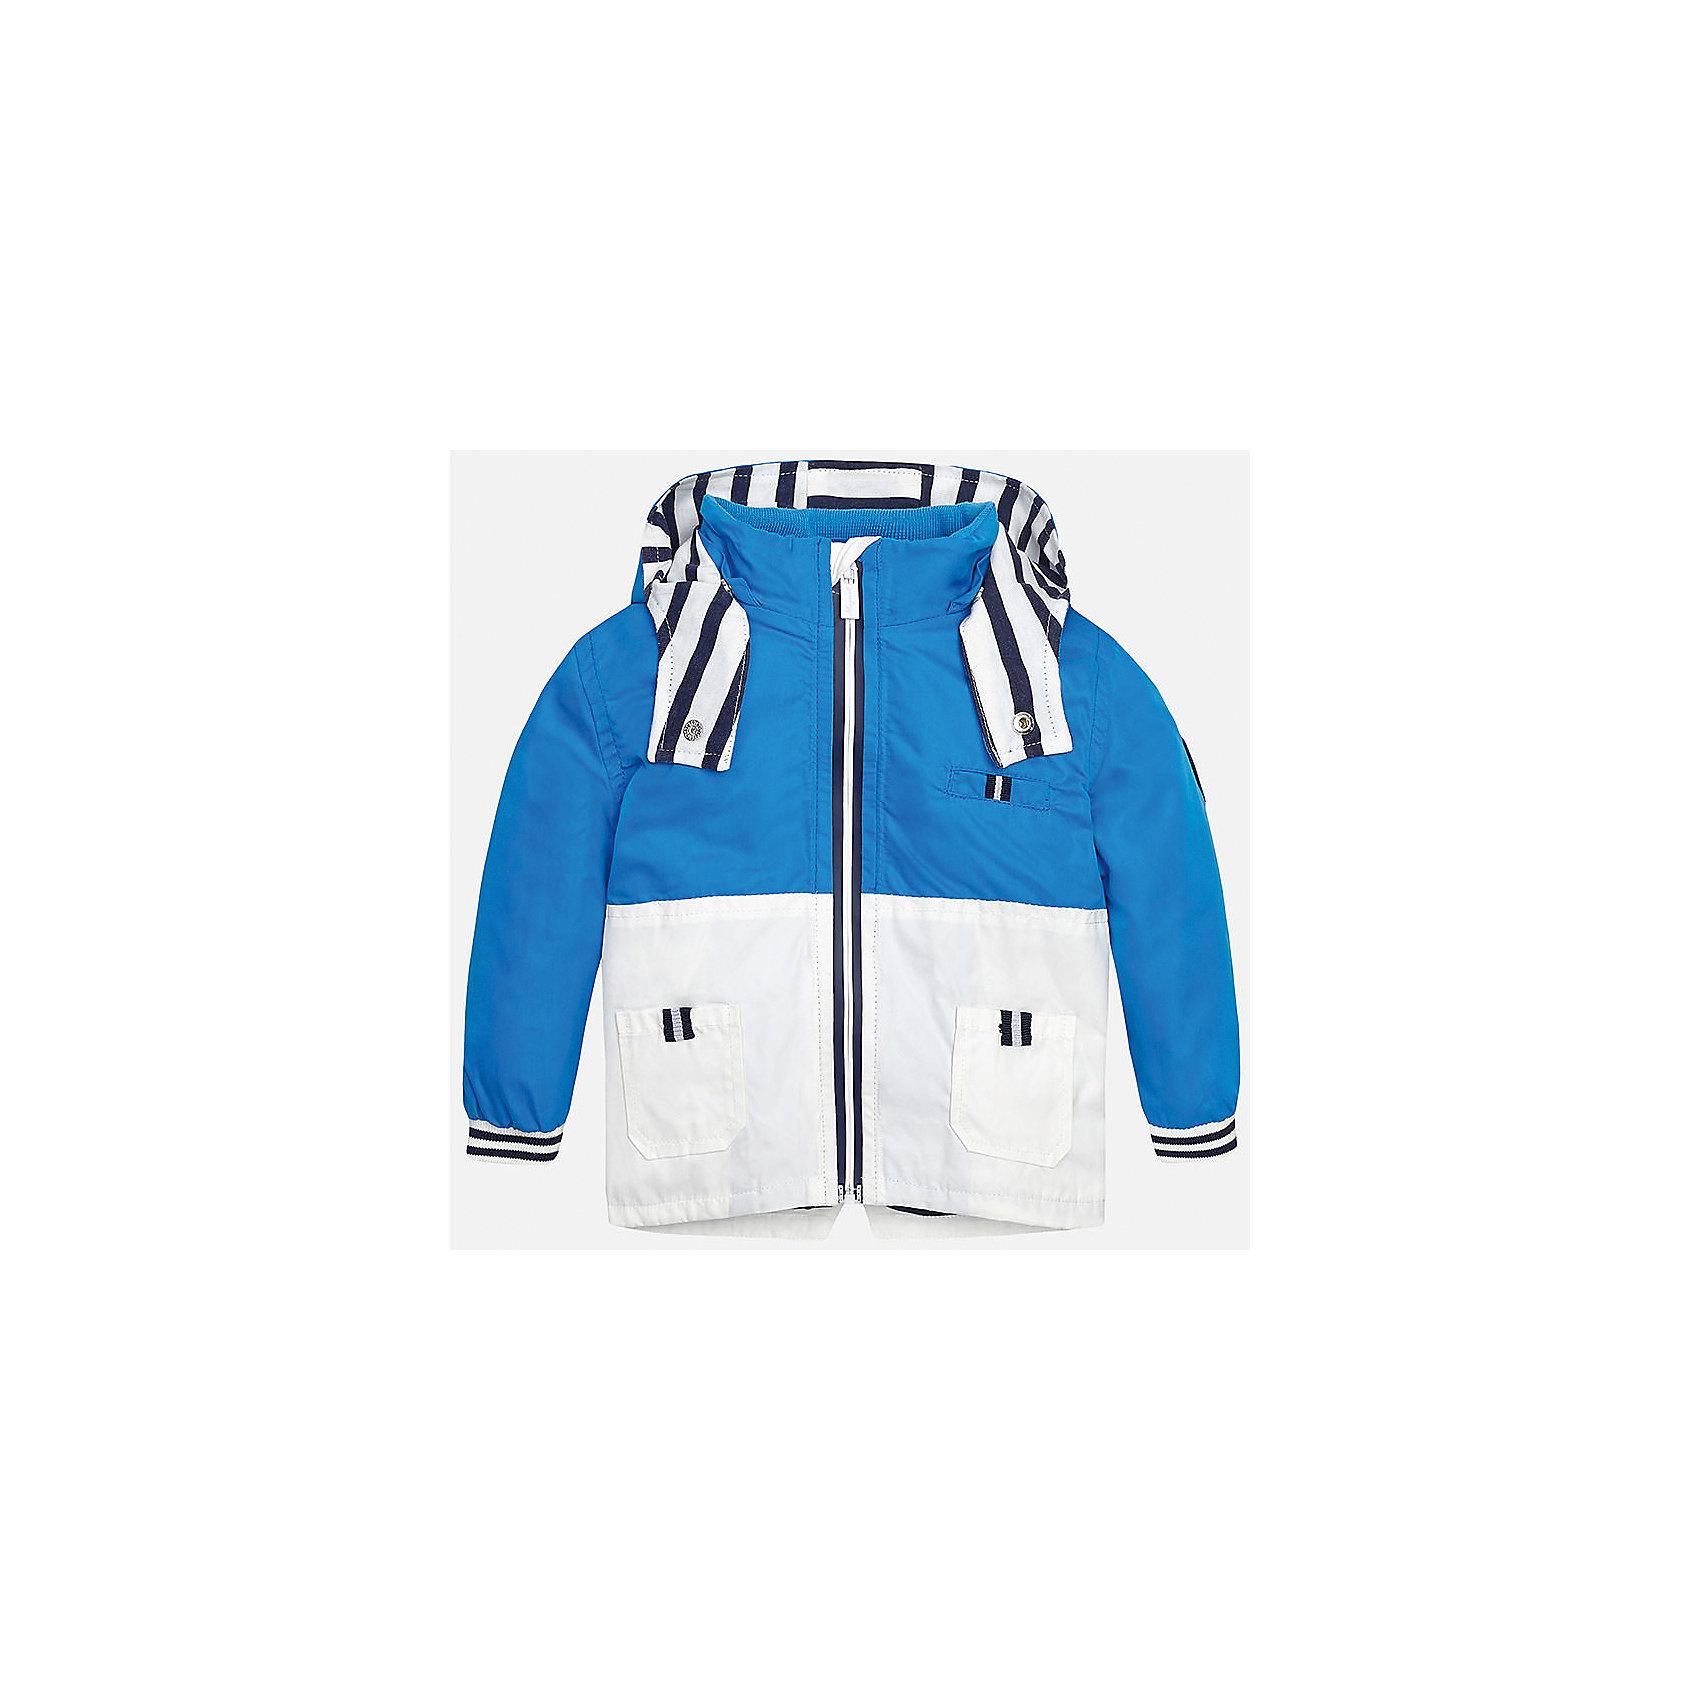 Ветровка для мальчика MayoralВерхняя одежда<br>Характеристики товара:<br><br>• цвет: голубой/белый<br>• состав: 100% полиэстер, подкладка - 65% полиэстер, 35% хлопок<br>• манжеты <br>• карманы<br>• молния<br>• капюшон<br>• страна бренда: Испания<br><br>Легкая ветровка для мальчика поможет разнообразить гардероб ребенка и обеспечить тепло в прохладную погоду. Она отлично сочетается и с джинсами, и с брюками. Универсальный цвет позволяет подобрать к вещи низ различных расцветок. Интересная отделка модели делает её нарядной и оригинальной. В составе материала подкладки - натуральный хлопок, гипоаллергенный, приятный на ощупь, дышащий.<br><br>Одежда, обувь и аксессуары от испанского бренда Mayoral полюбились детям и взрослым по всему миру. Модели этой марки - стильные и удобные. Для их производства используются только безопасные, качественные материалы и фурнитура. Порадуйте ребенка модными и красивыми вещами от Mayoral! <br><br>Ветровку для мальчика от испанского бренда Mayoral (Майорал) можно купить в нашем интернет-магазине.<br><br>Ширина мм: 356<br>Глубина мм: 10<br>Высота мм: 245<br>Вес г: 519<br>Цвет: синий<br>Возраст от месяцев: 18<br>Возраст до месяцев: 24<br>Пол: Мужской<br>Возраст: Детский<br>Размер: 92,80,86<br>SKU: 5279604